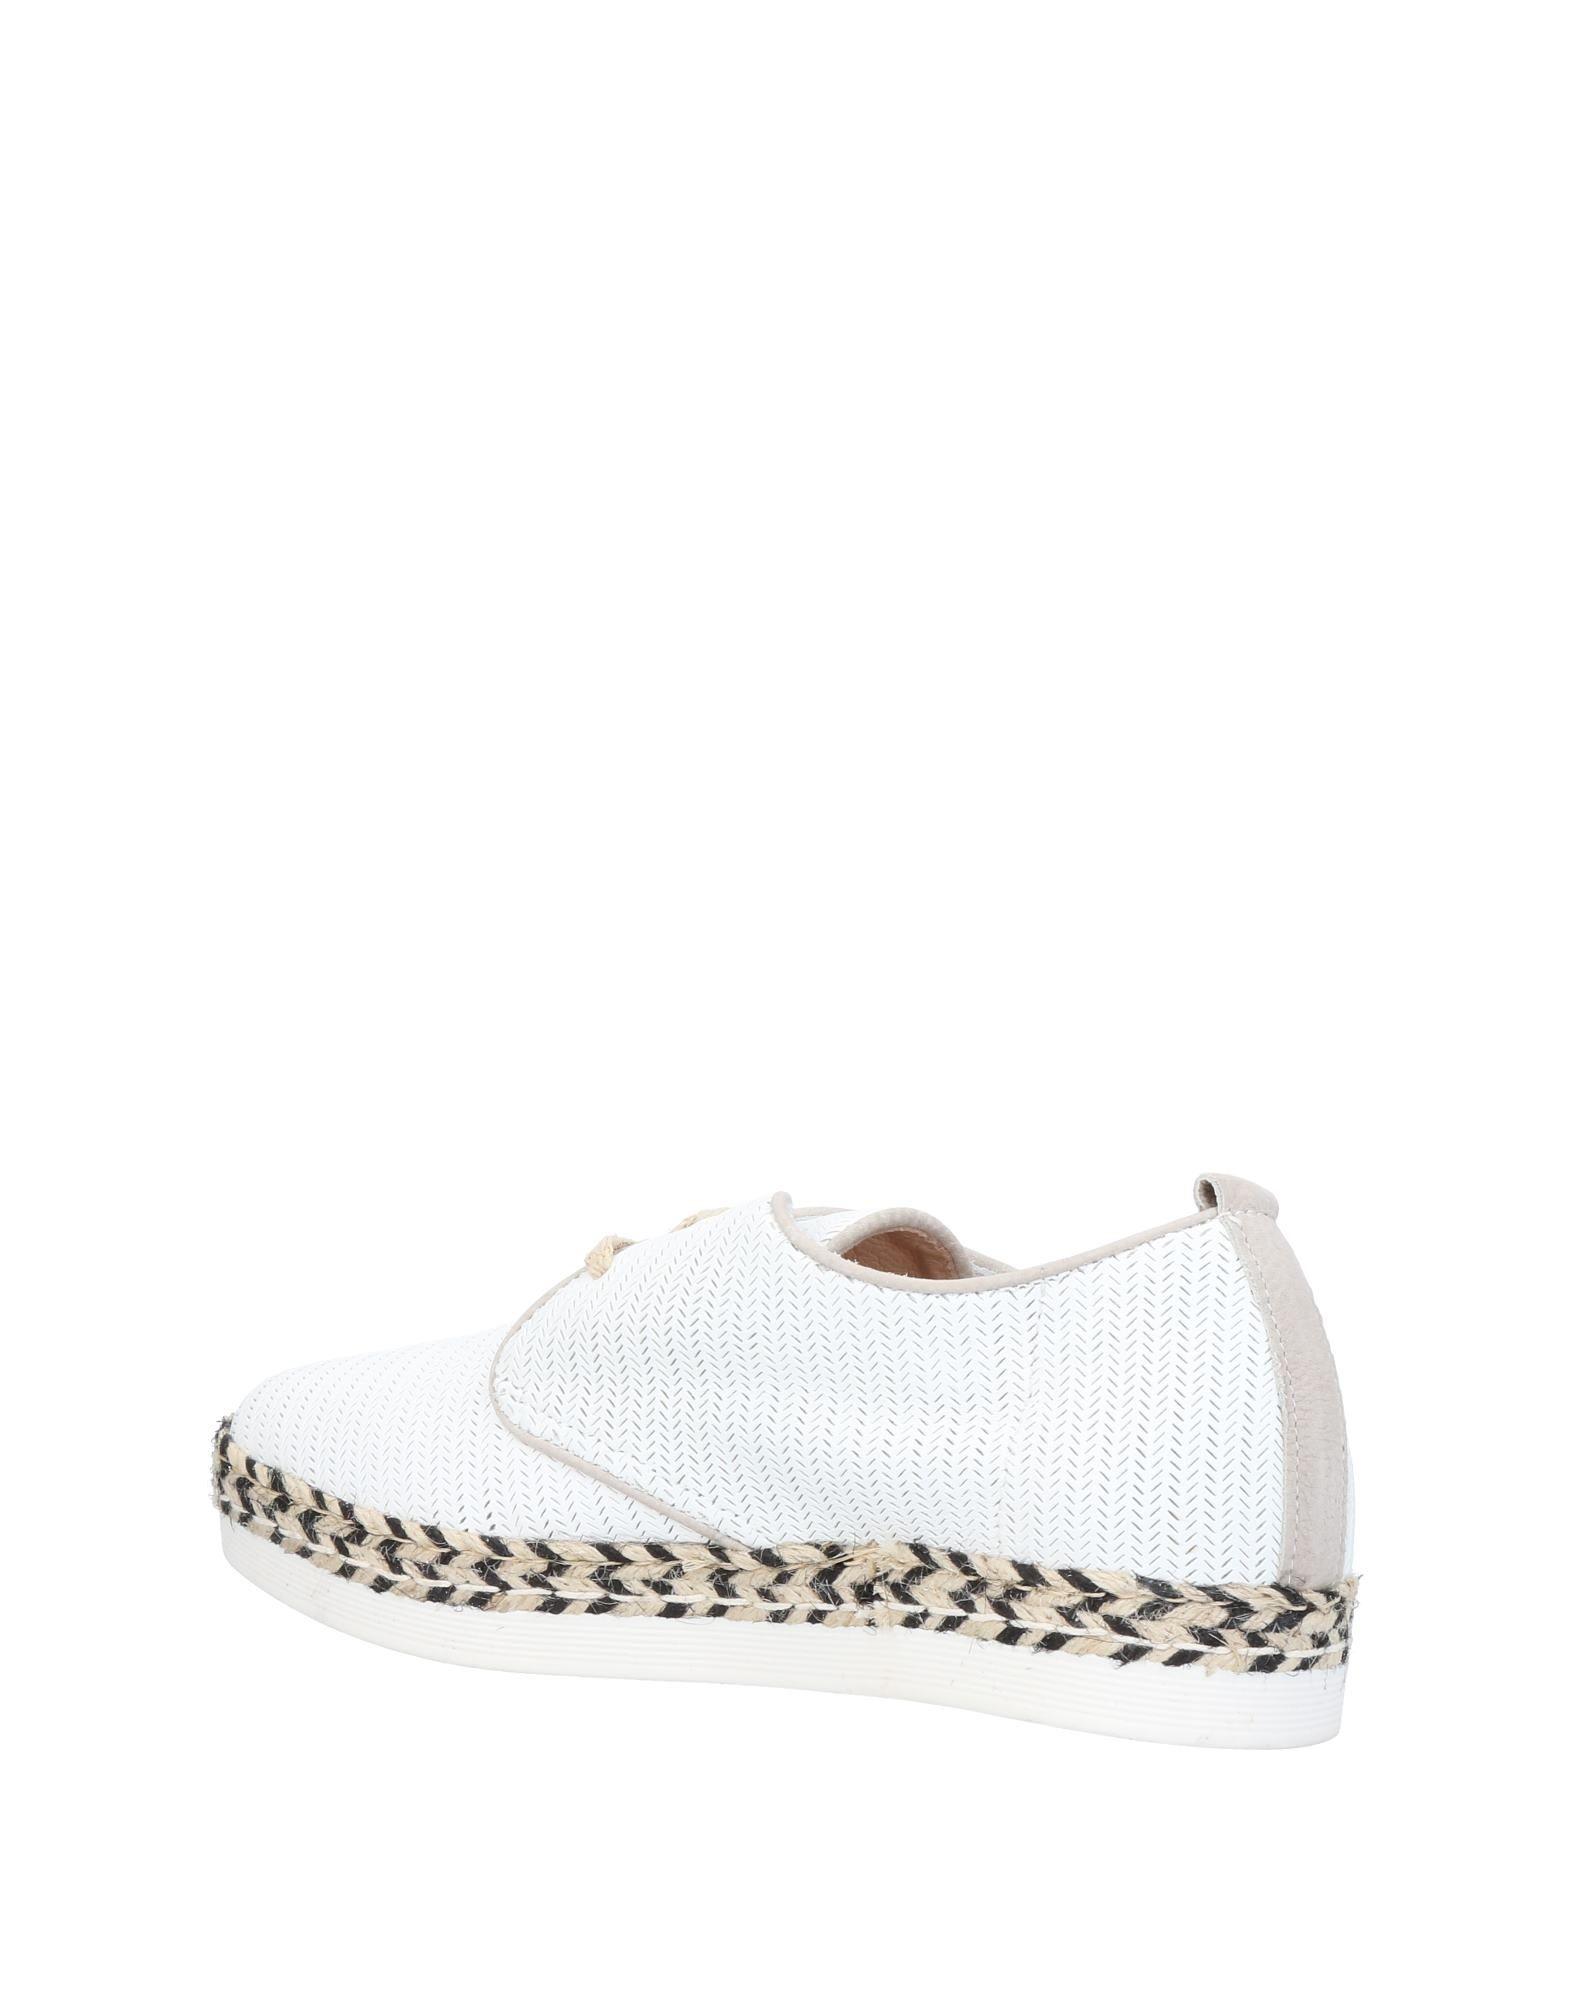 Mjus Schnürschuhe Damen Qualität  11419273XA Gute Qualität Damen beliebte Schuhe 89130f